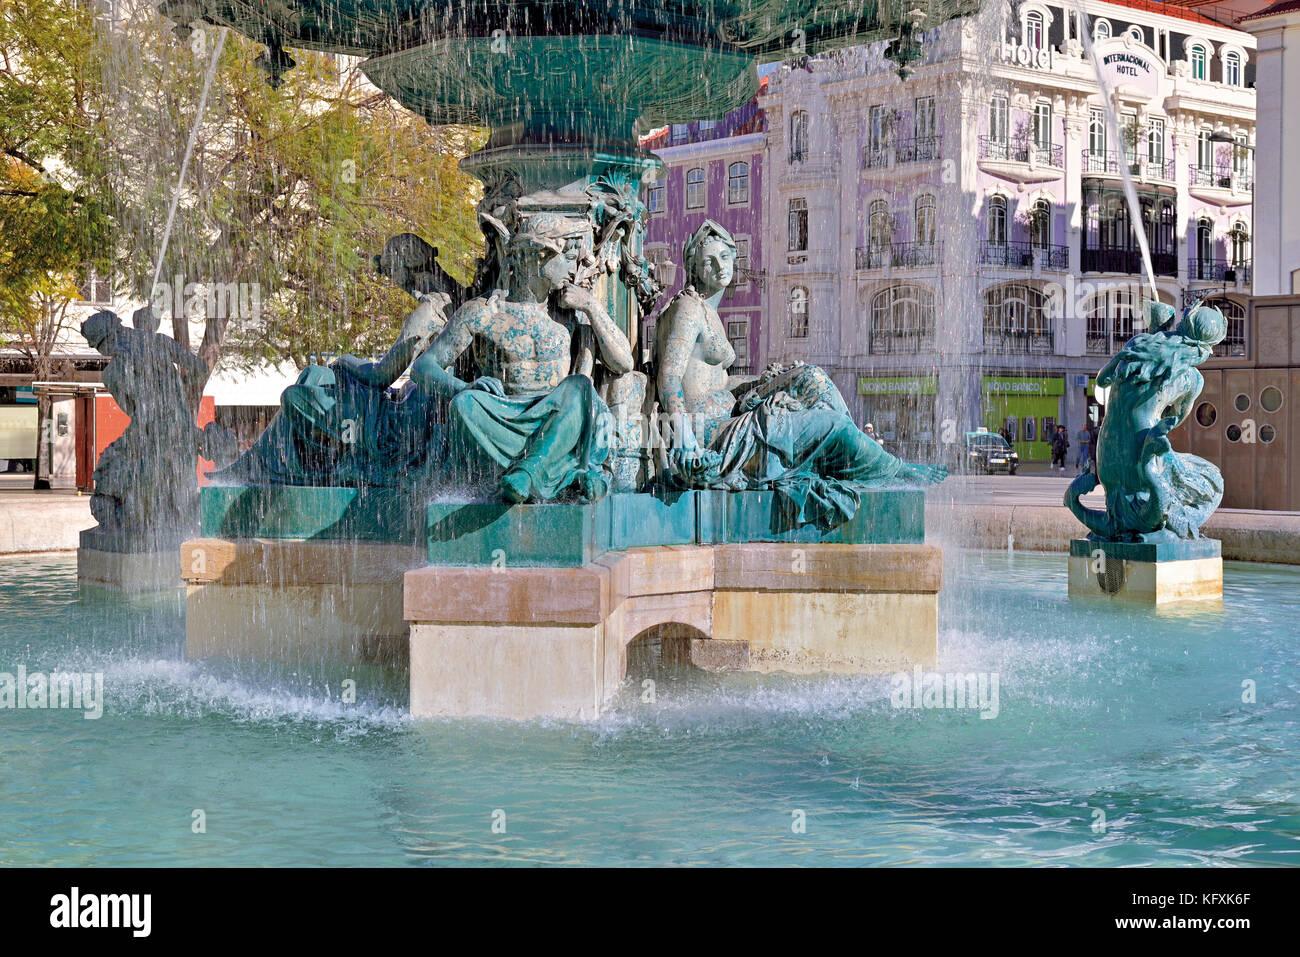 Fontaine en bronze avec mytholoical les figures dans le centre-ville de Lisbonne Photo Stock